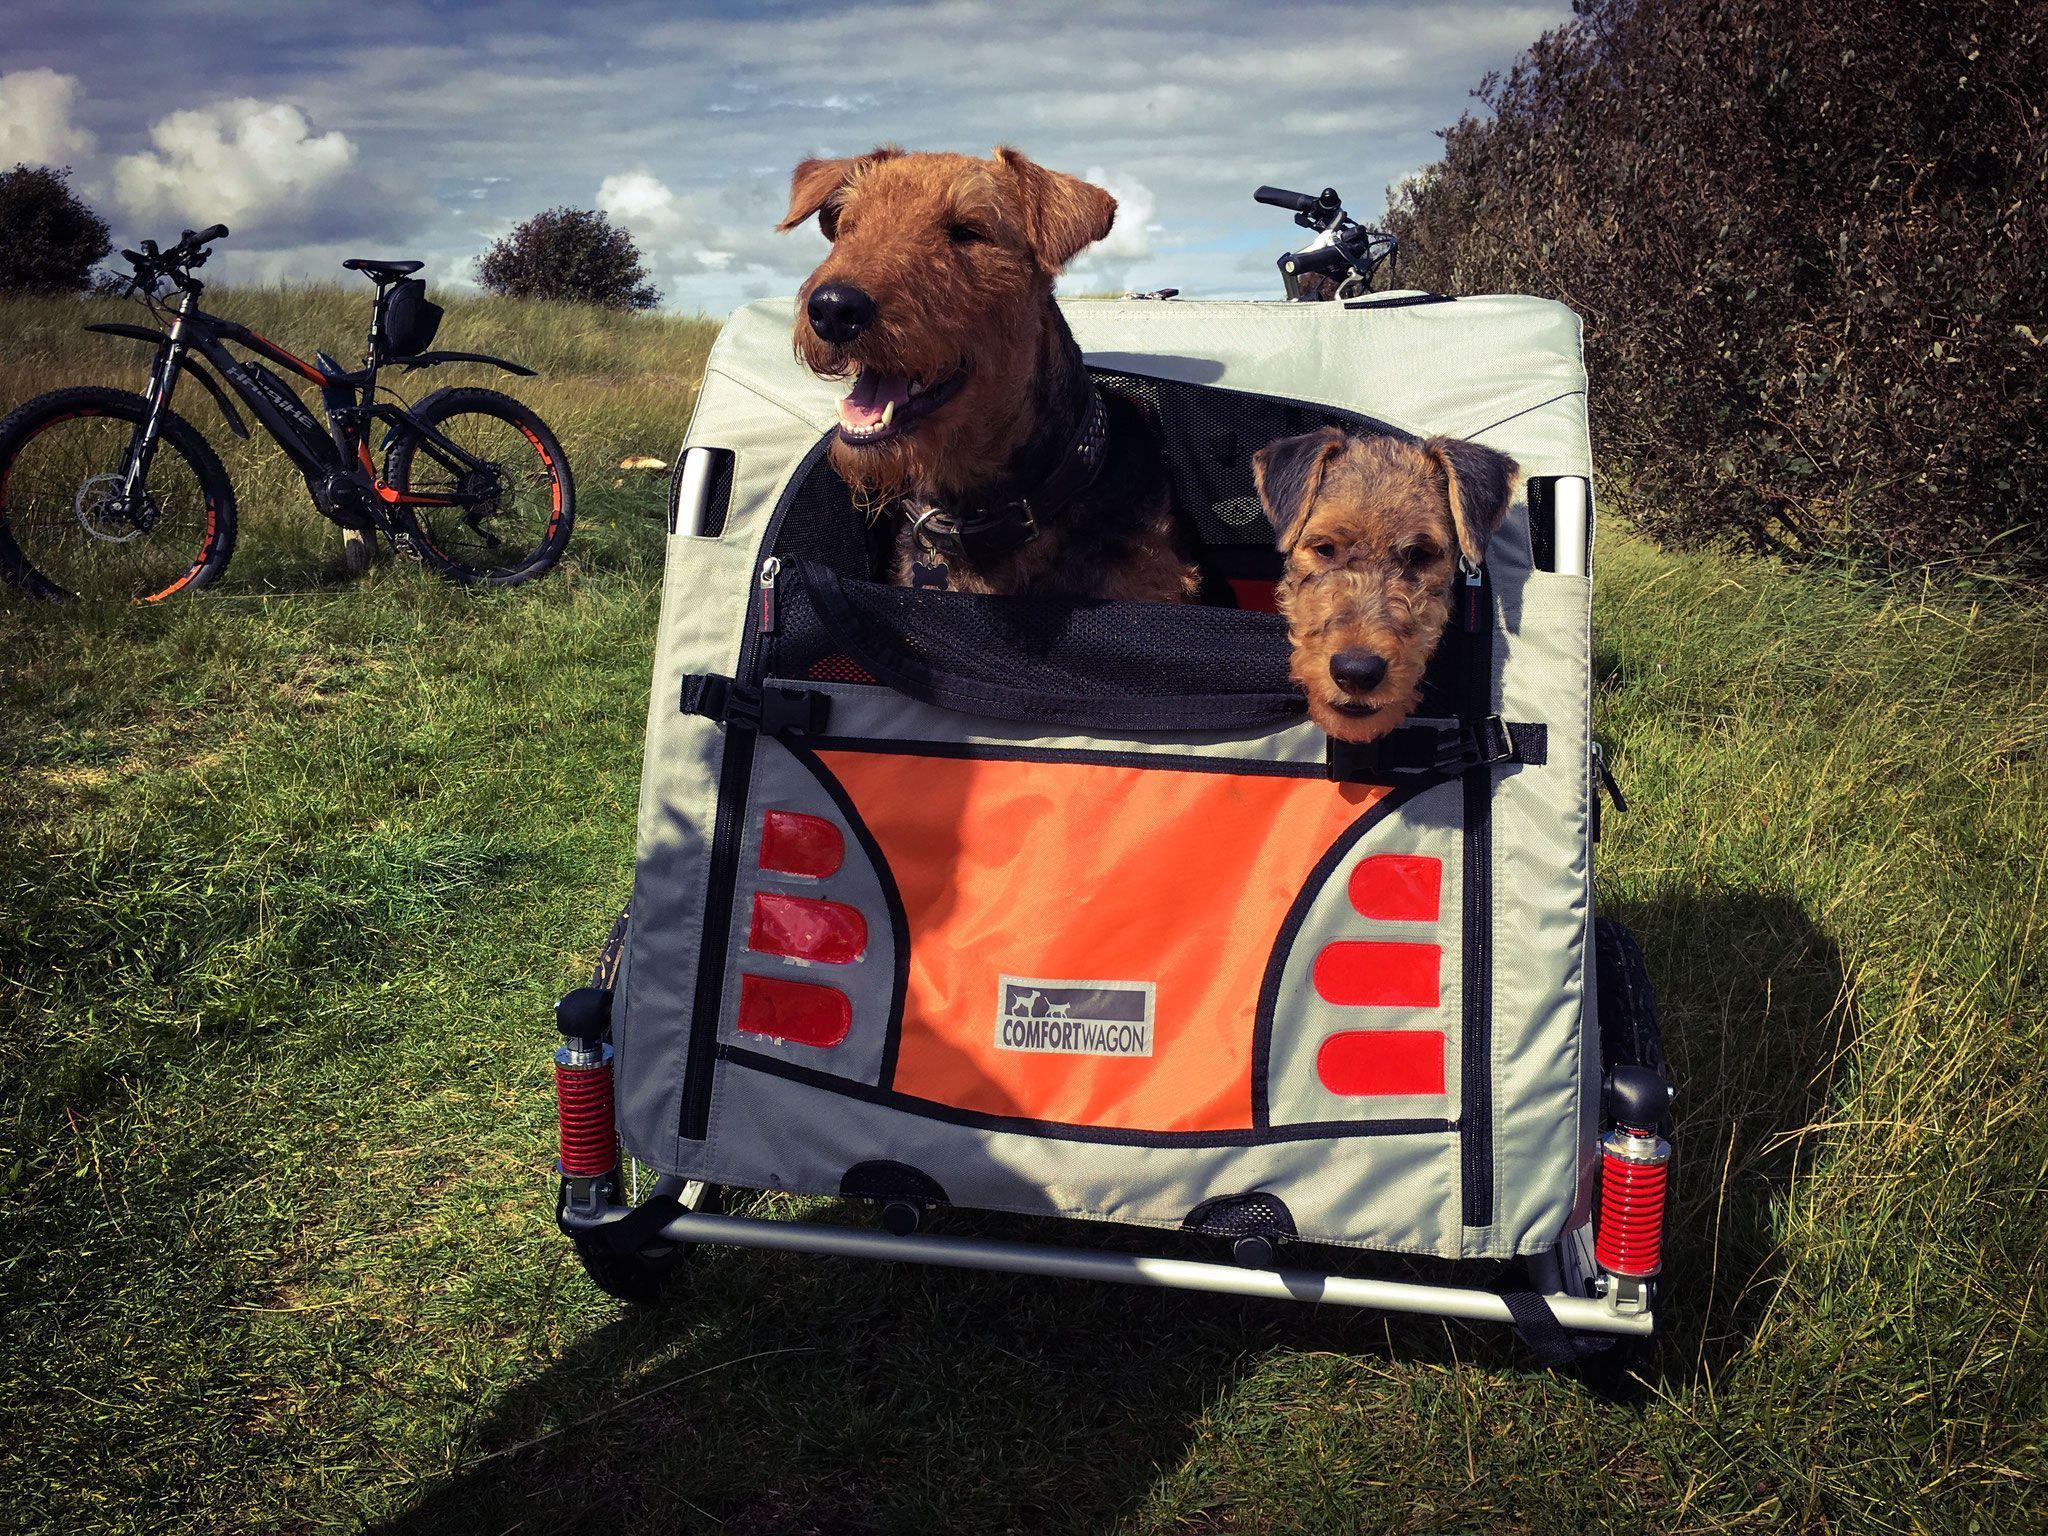 Airedale Terrier Hobby Zucht Aus Dem Siegtal In Nrw Zuchtziel Gesunde Freundliche Wesensfeste Familienhunde Airedale Terrier Fox Terrier Hundeausbildung